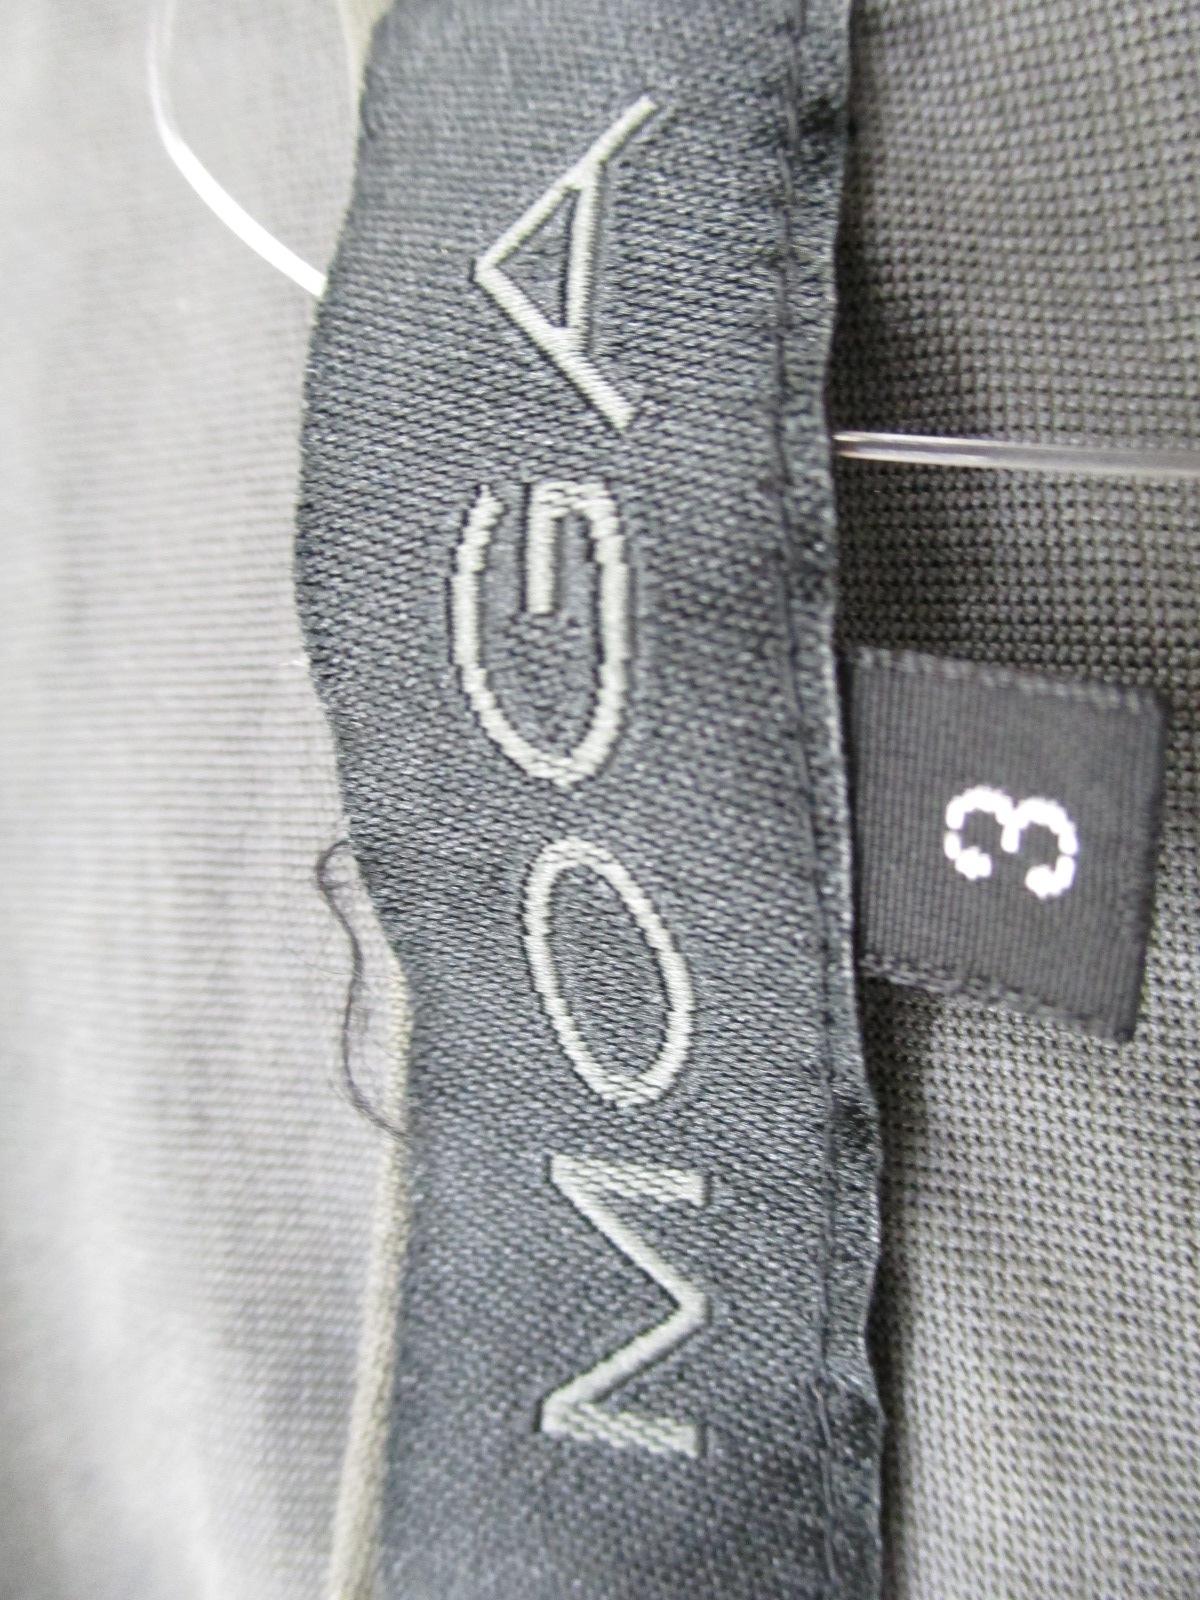 MOGA(モガ)のワンピース